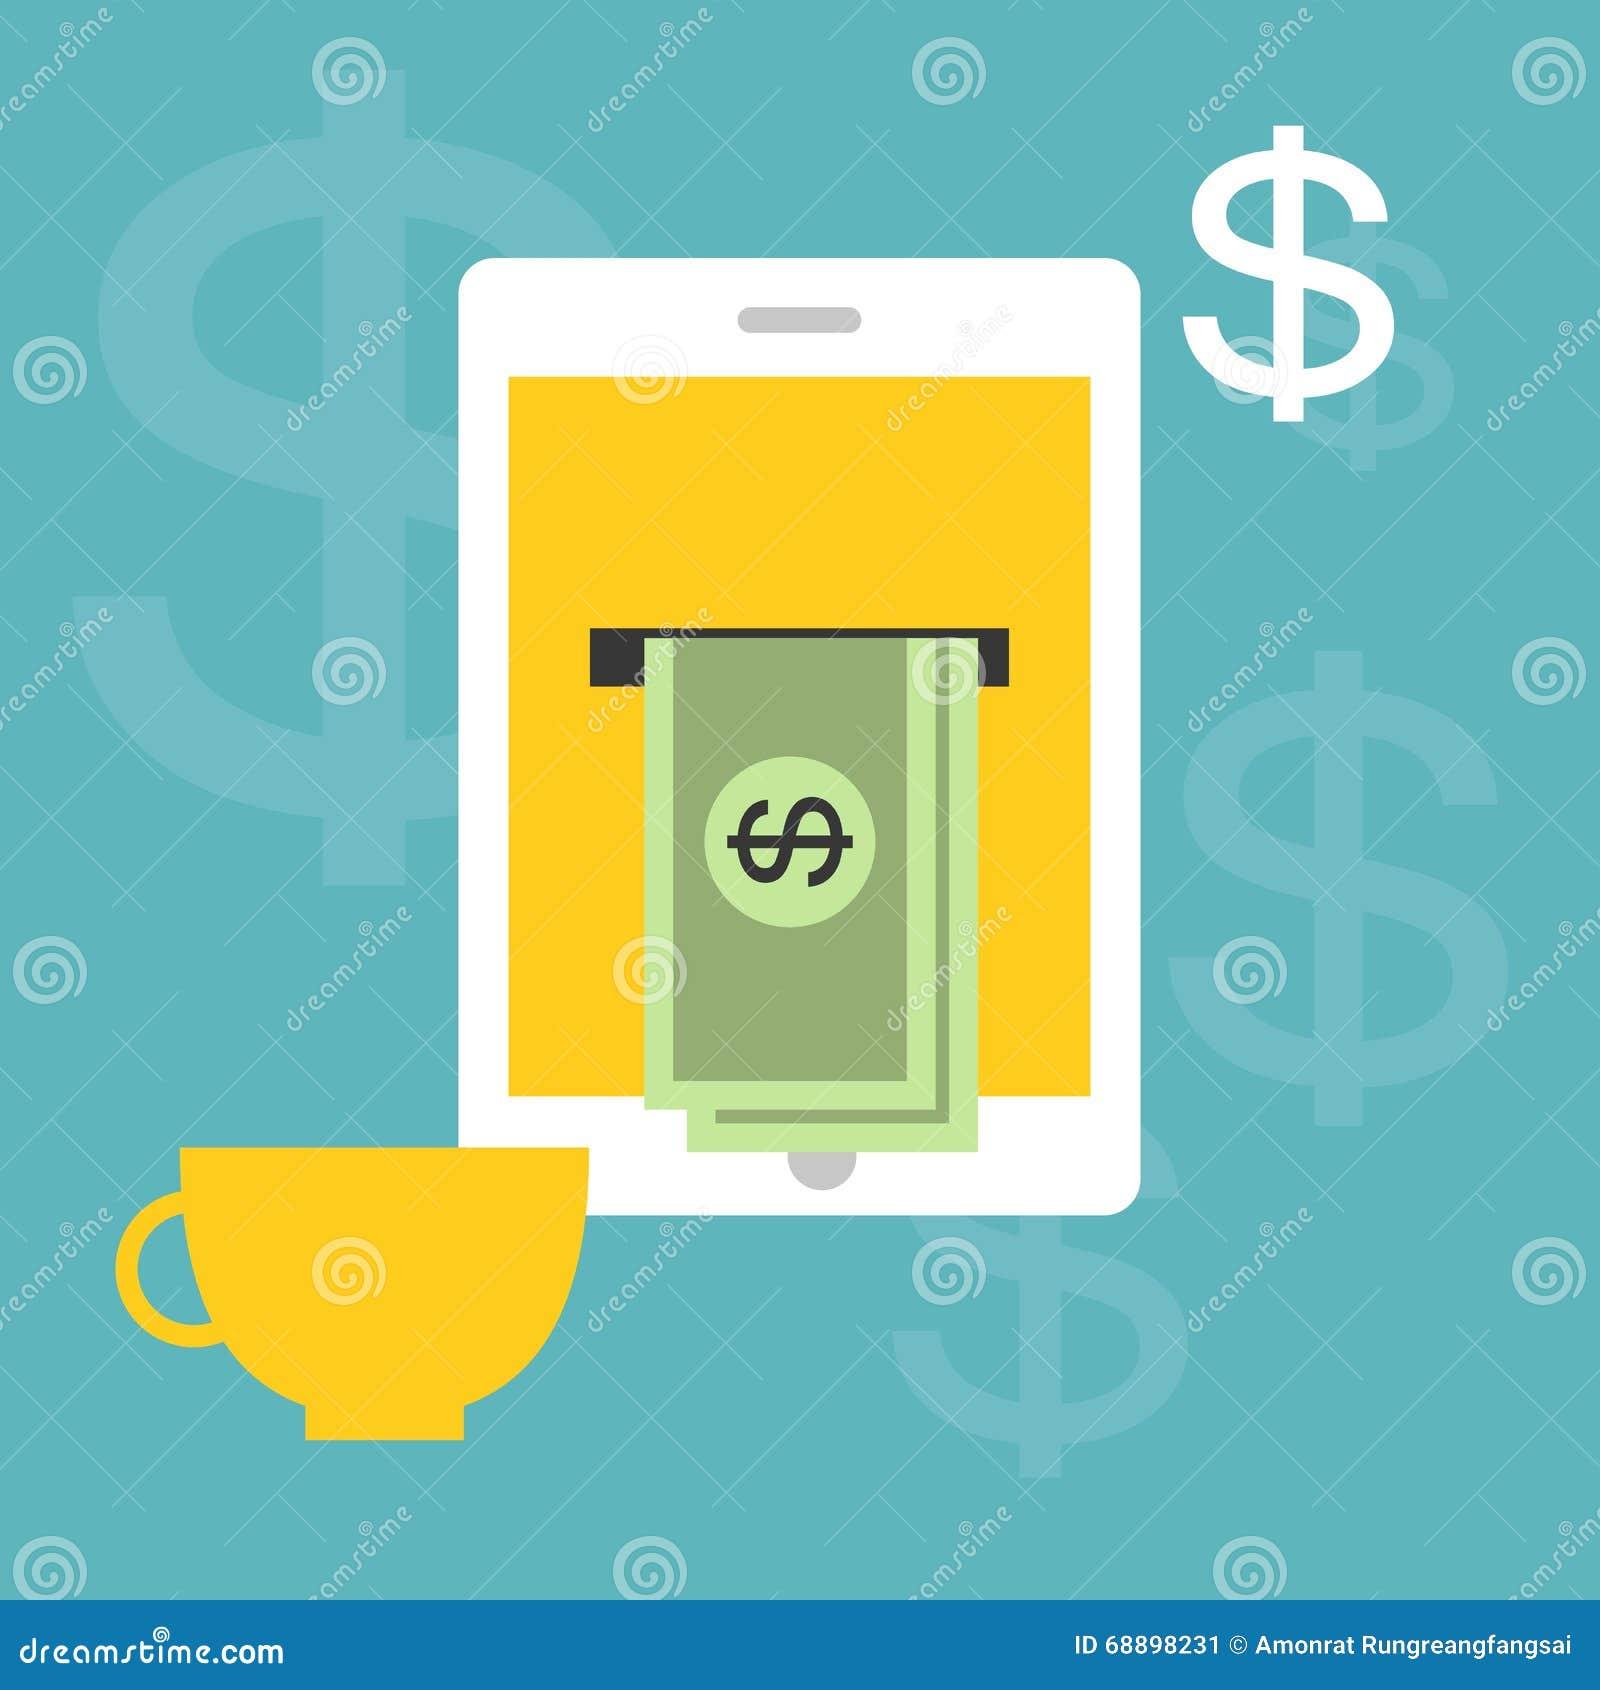 Lavorando e rendendo soldi online a casa illustrazione vettoriale illustrazione di - Soldi contanti a casa ...